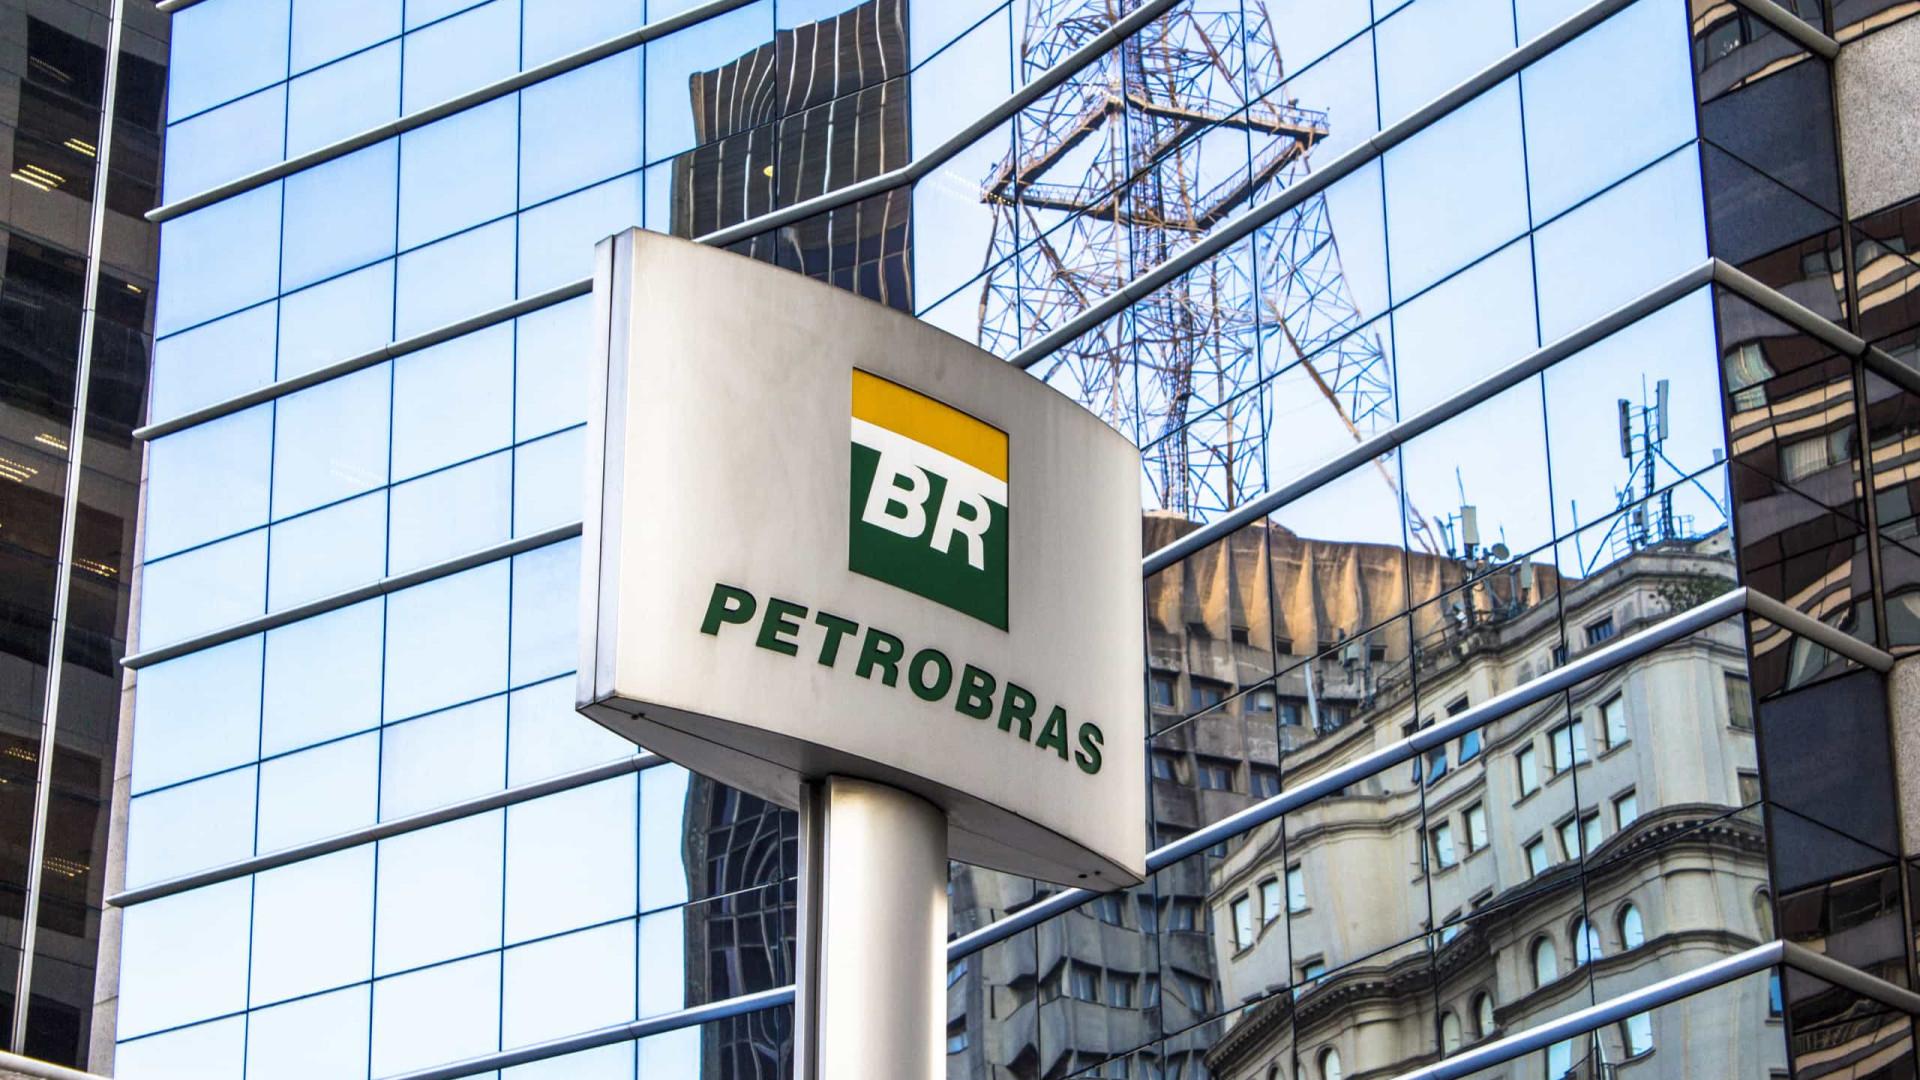 Em despacho, juiz pede manifestação 'concisa e objetiva' sobre troca na Petrobras